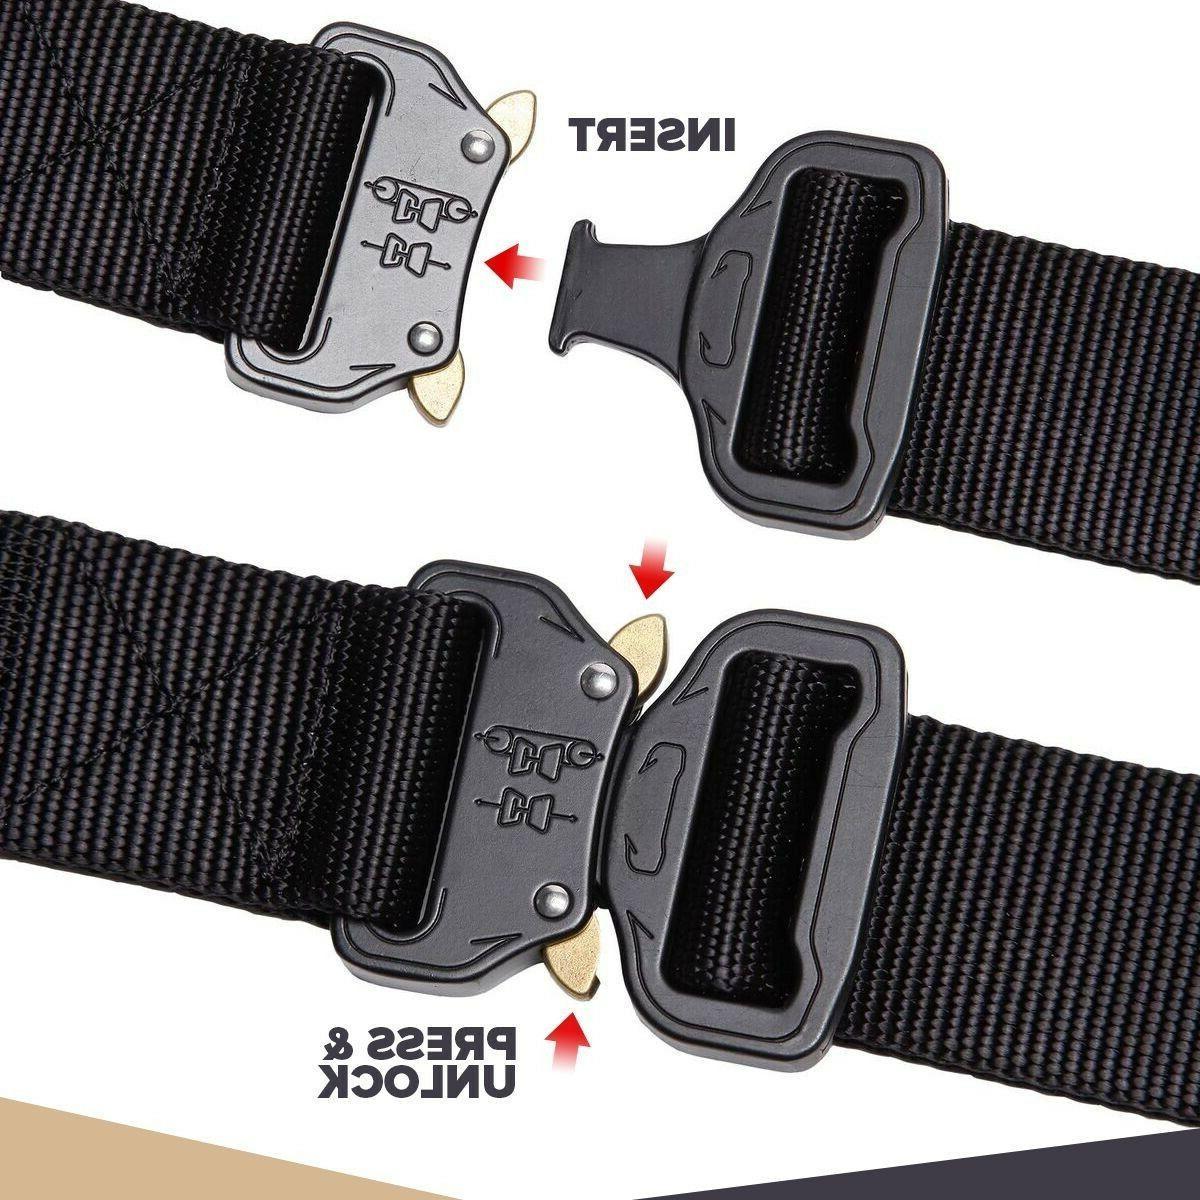 mens military tactical gun belt combat waistband